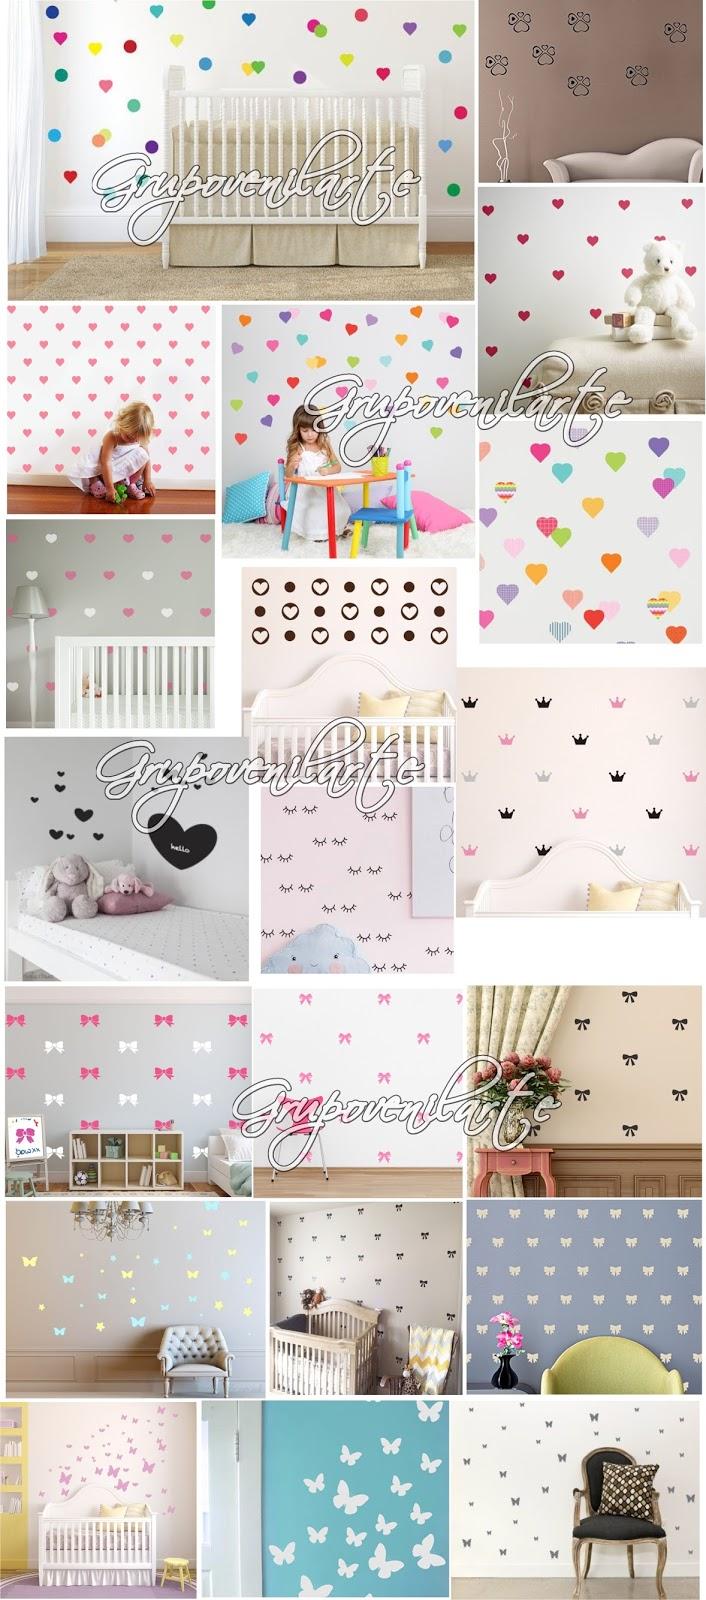 Vinilos decorativos para paredes hogar decoraci n beb s for Vinilos para pared precios